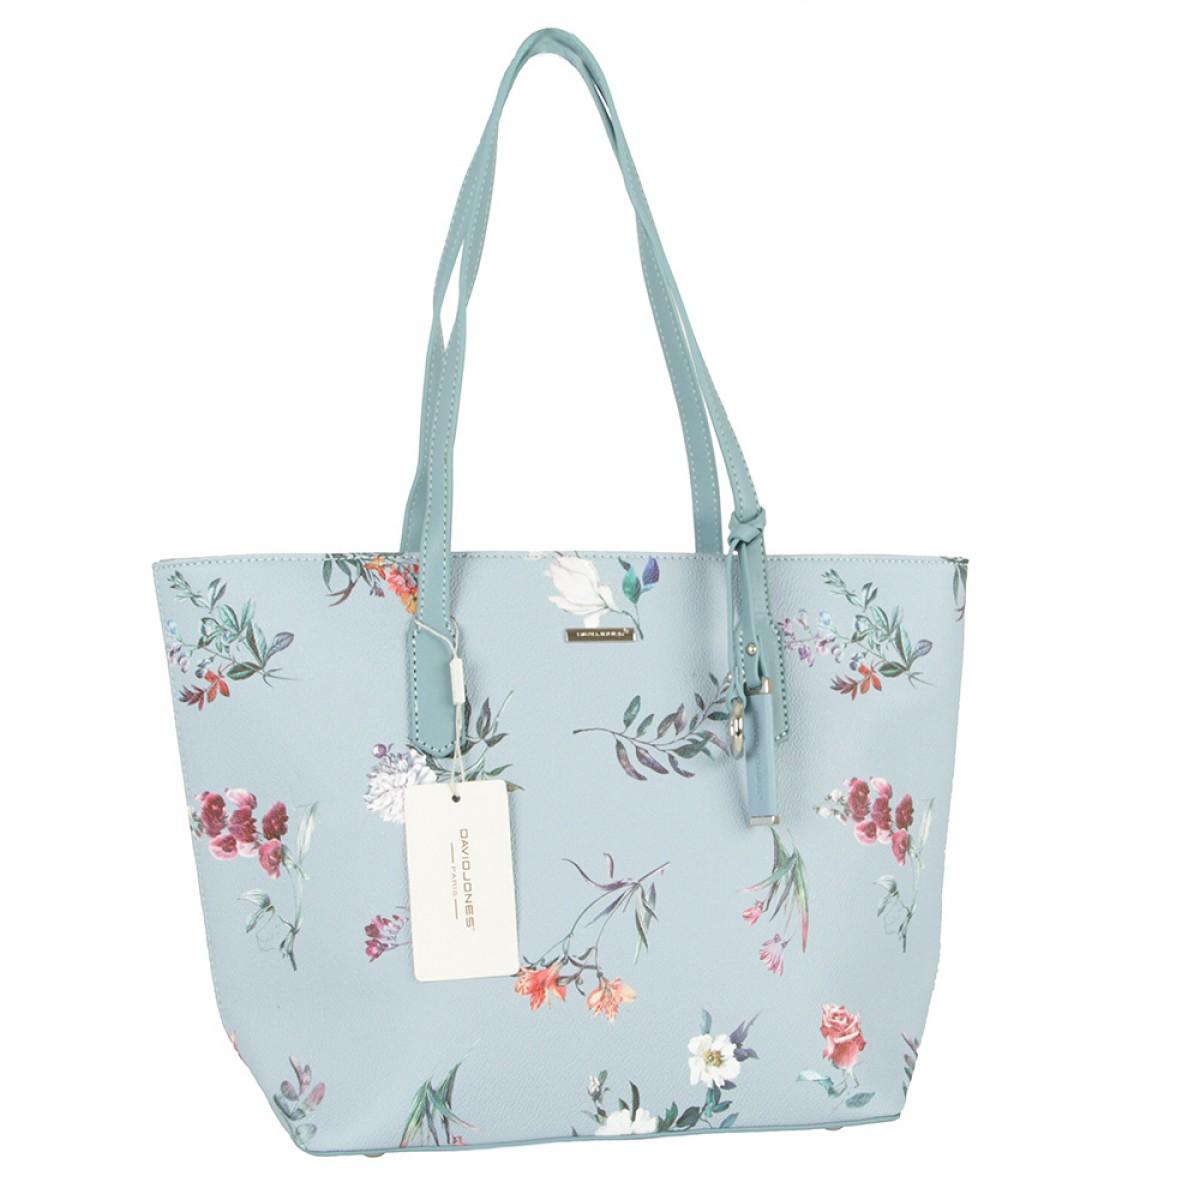 Жіноча сумка David Jones 5996-4 L.BLUE